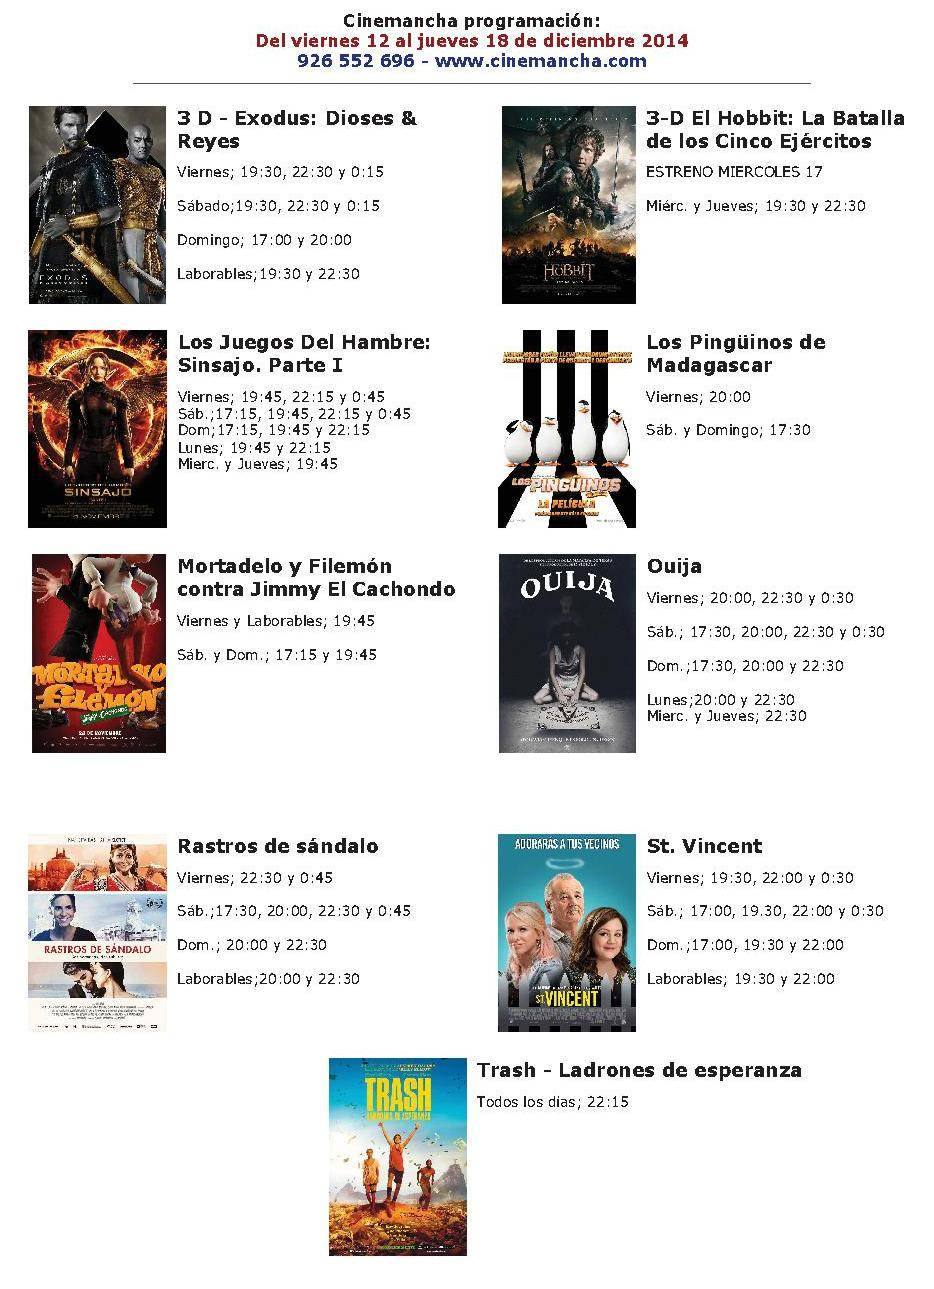 Cartelera de Cinemancha del 12 al 18 de diciembre 1